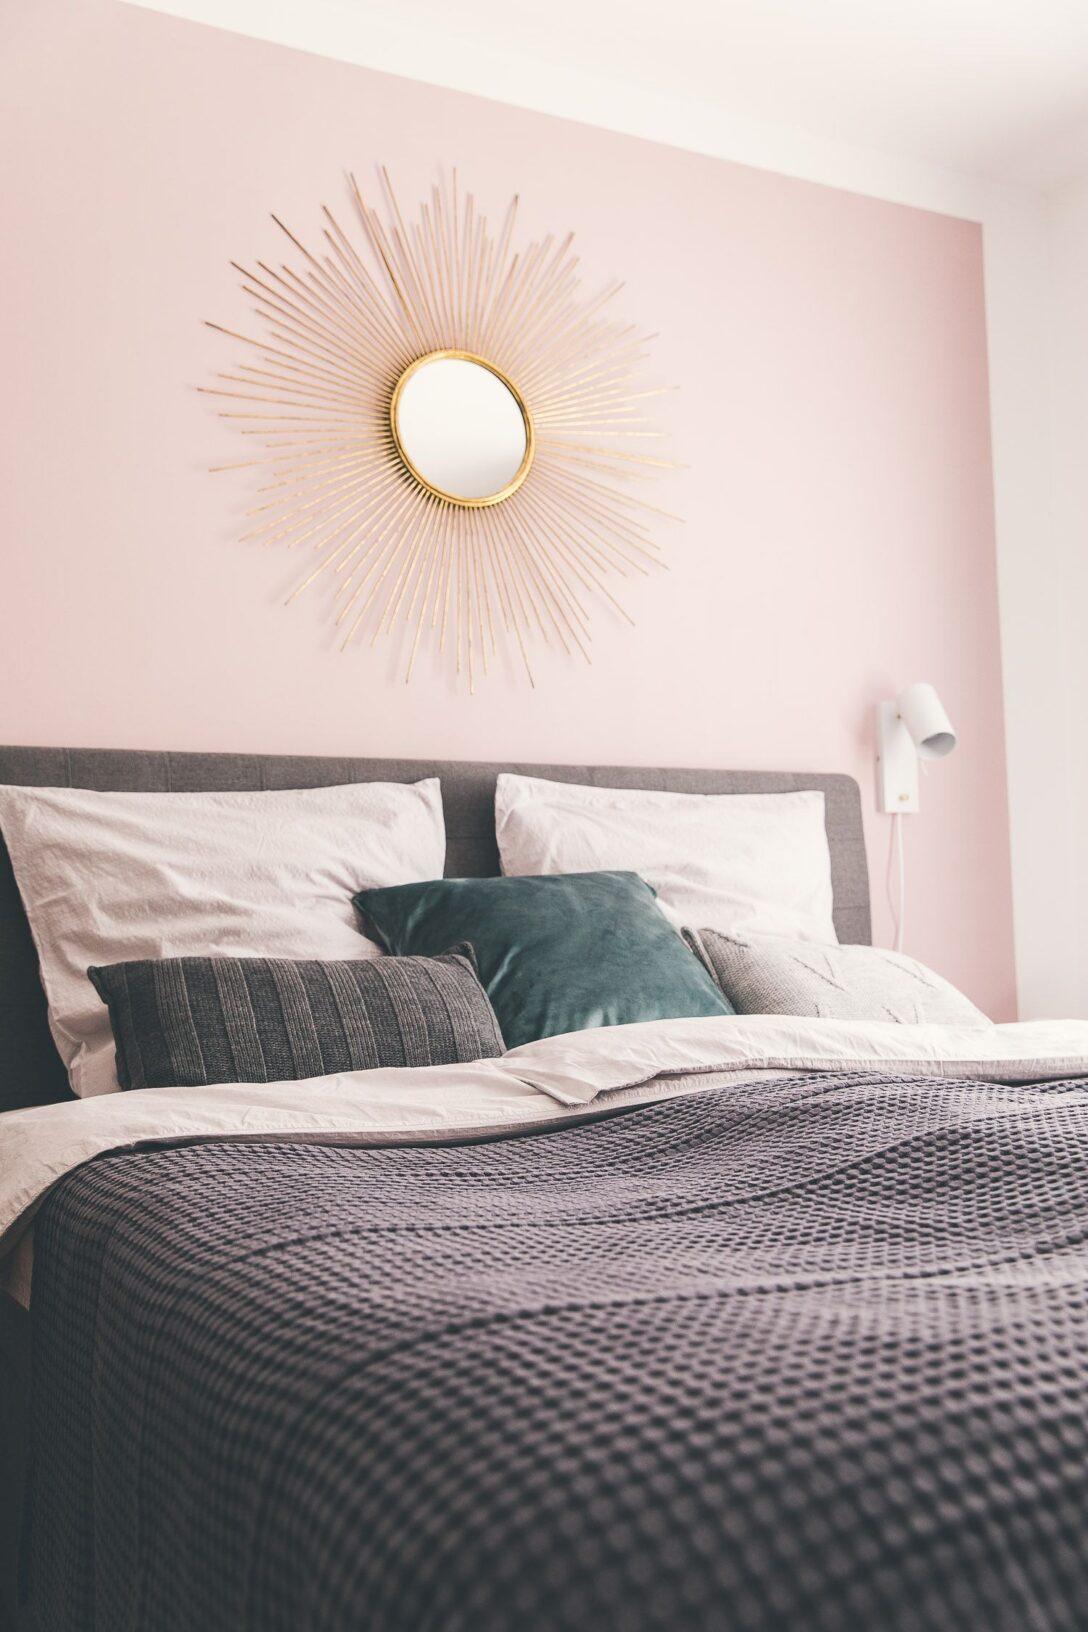 Large Size of Altrosa Schlafzimmer Sonnenspiegel An Rosa Wand Im Luxus Wandtattoo Landhaus Komplett Massivholz Kommode Weiß Günstige Komplette Deckenlampe Wandtattoos Wohnzimmer Altrosa Schlafzimmer